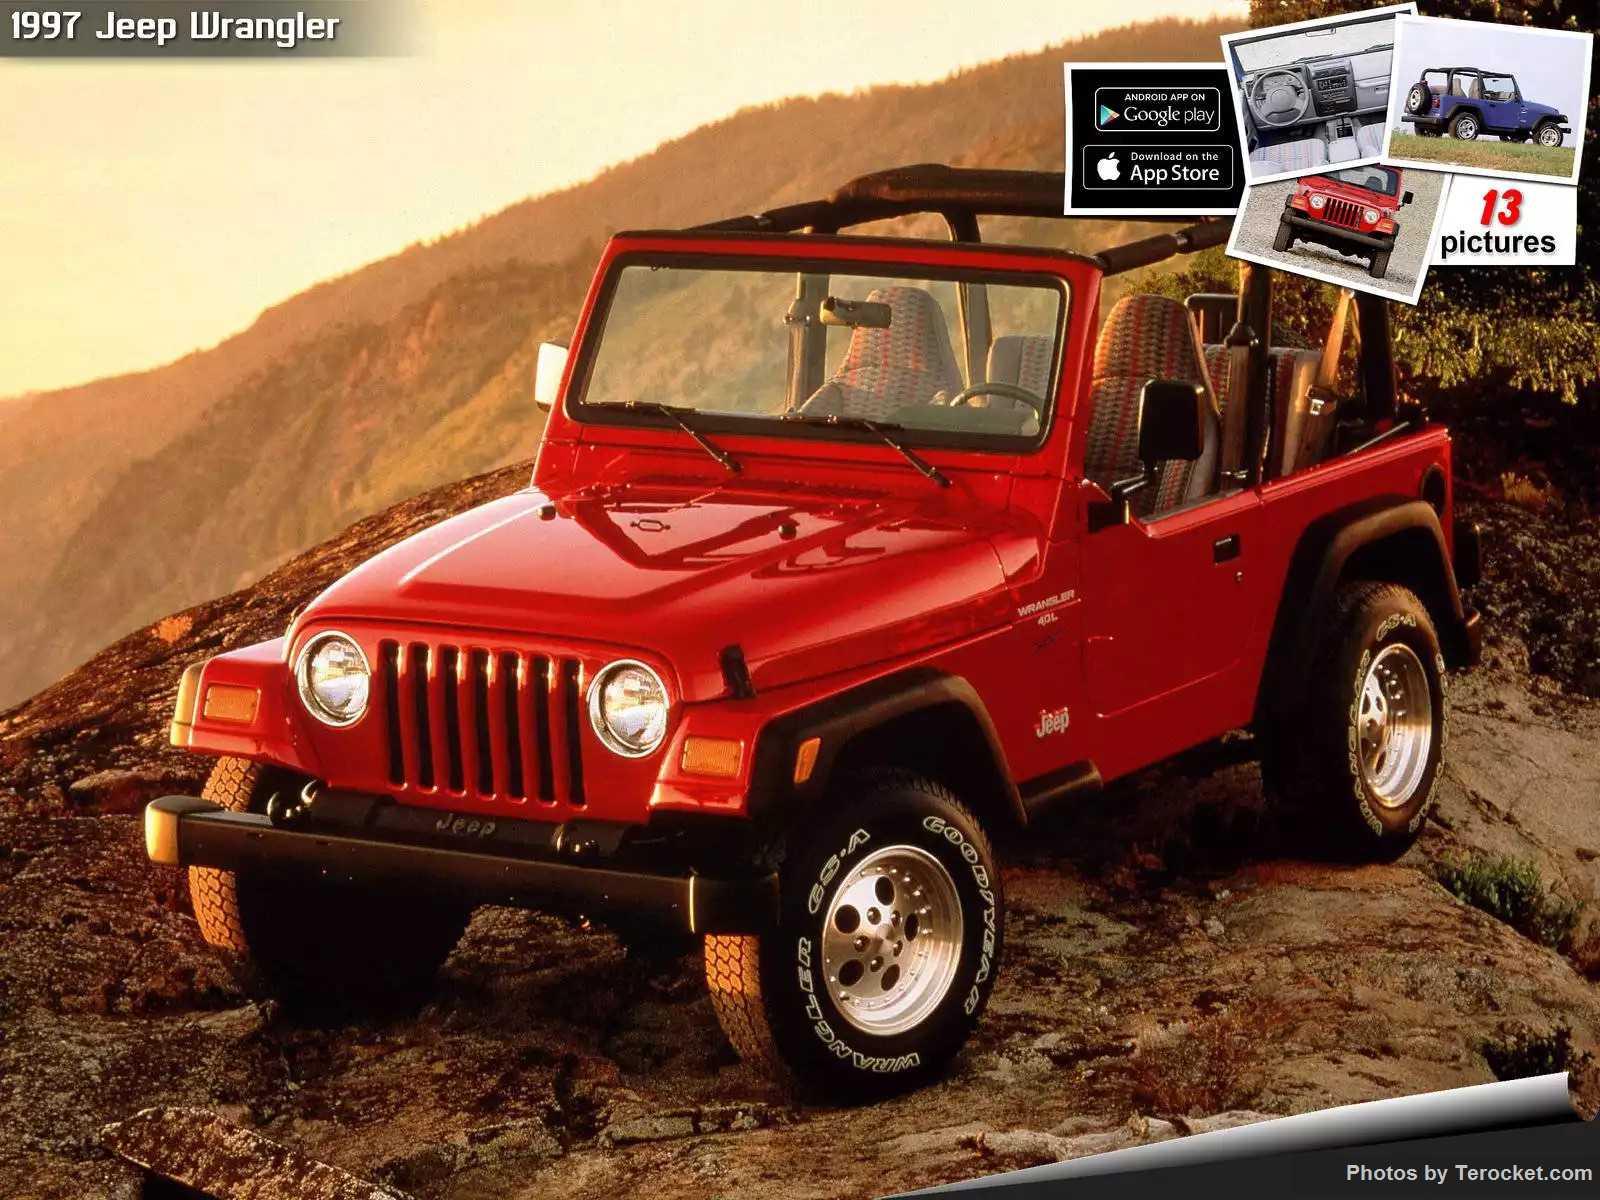 Hình ảnh xe ô tô Jeep Wrangler 1997 & nội ngoại thất